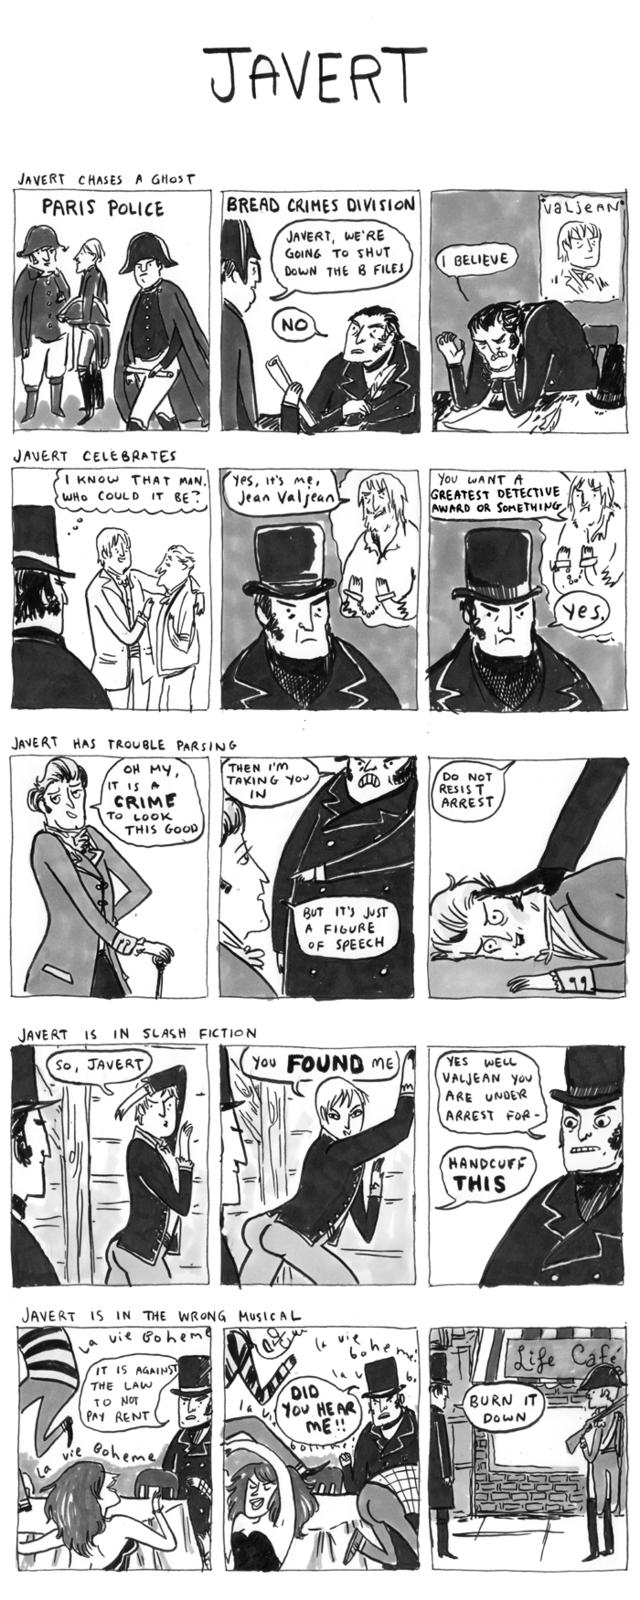 Hark a Vagrent Javert